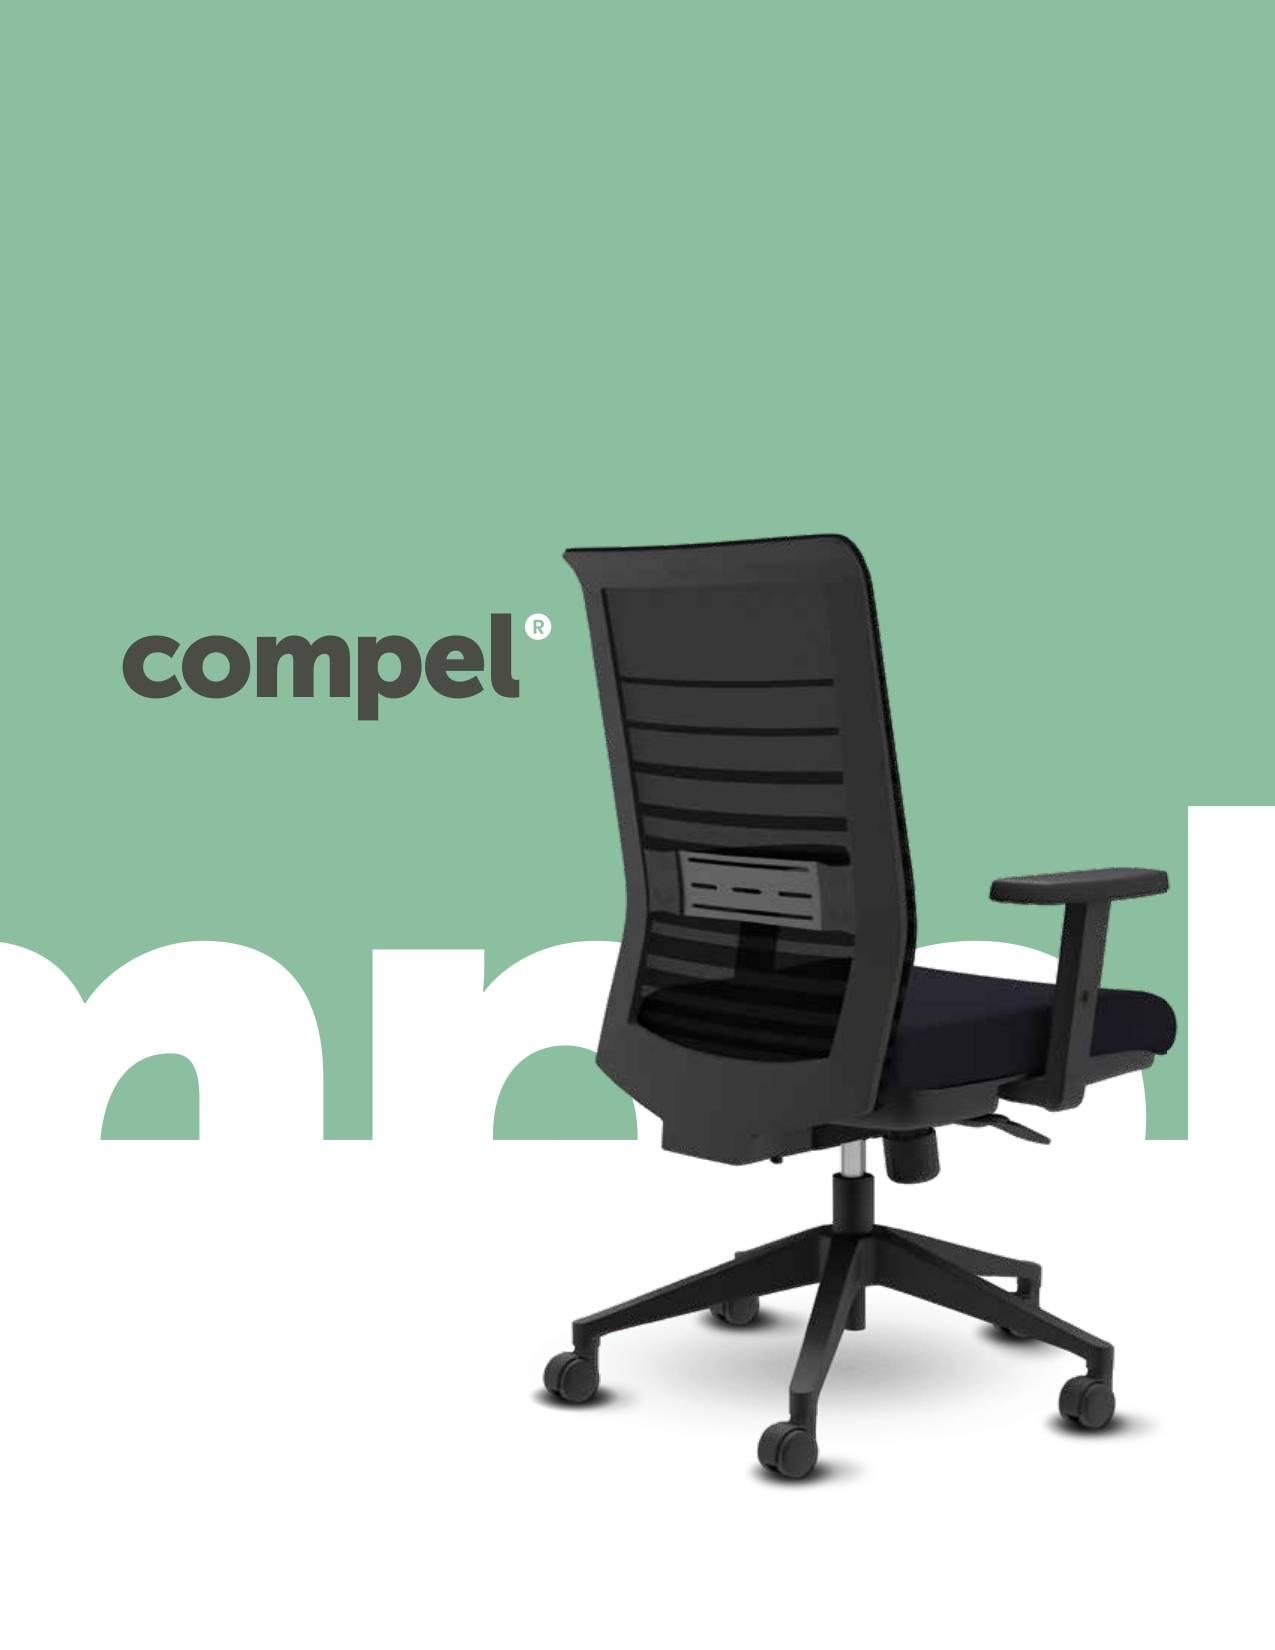 Compel Furniture Essentials Brochure